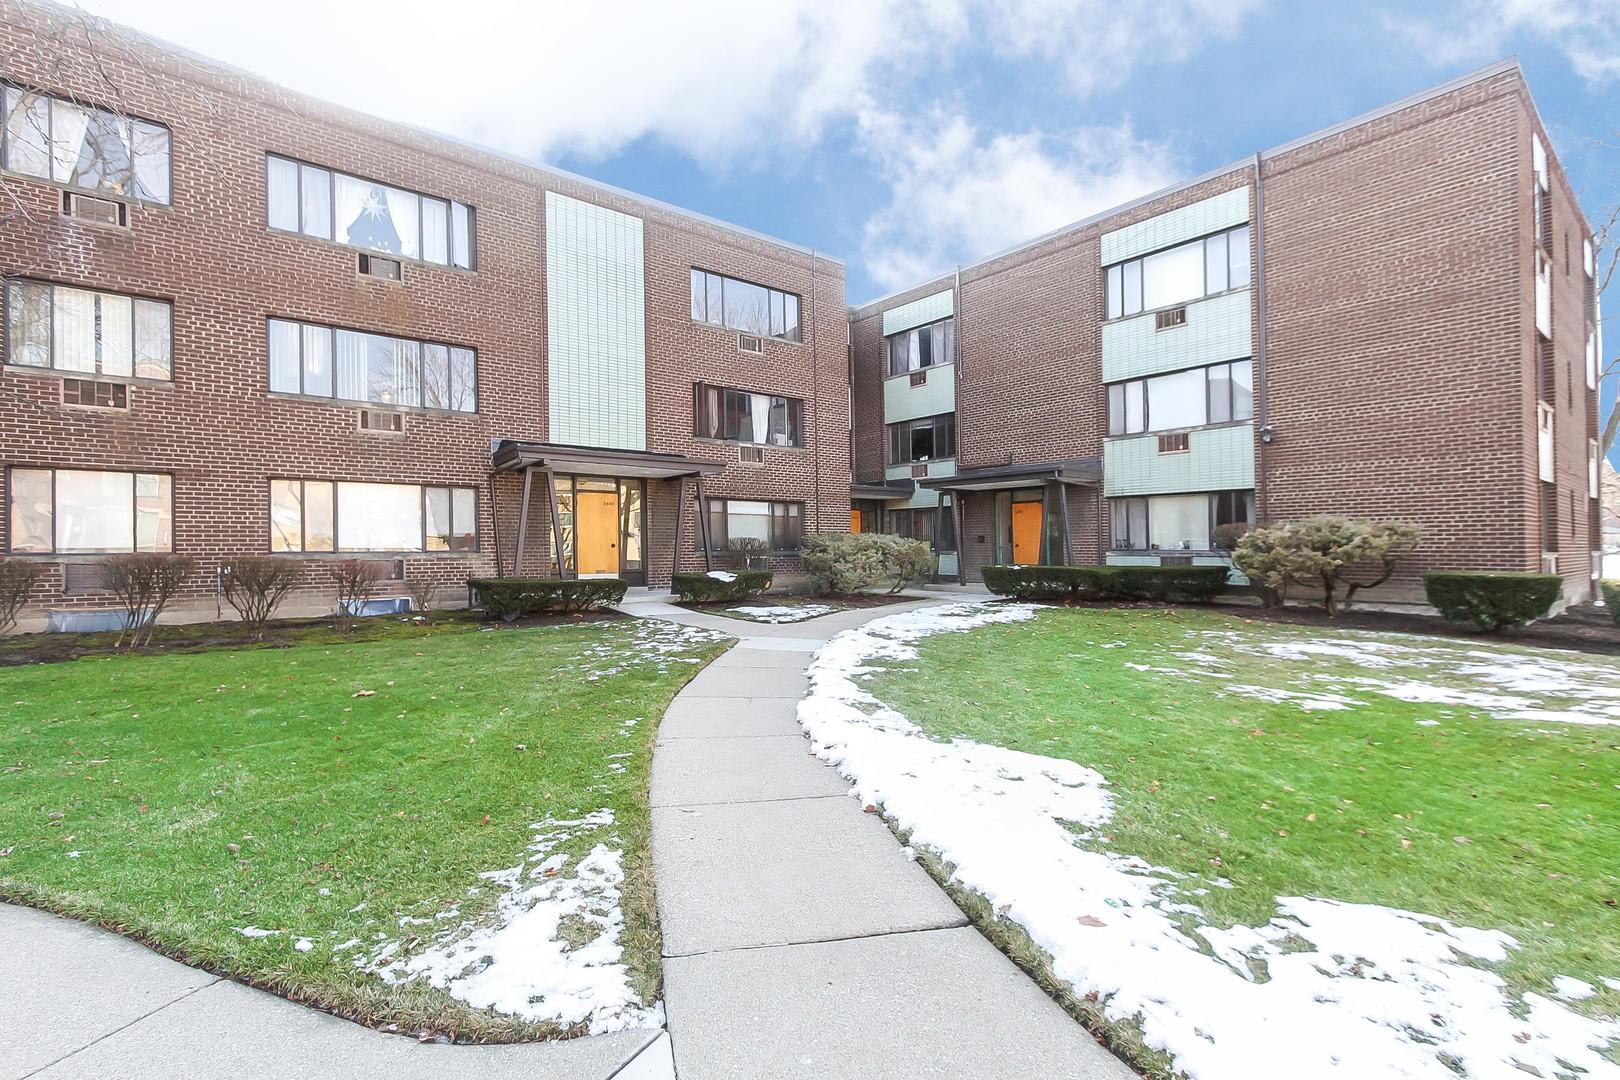 3453 W Bryn Mawr Avenue Unit 1, Chicago IL 60659